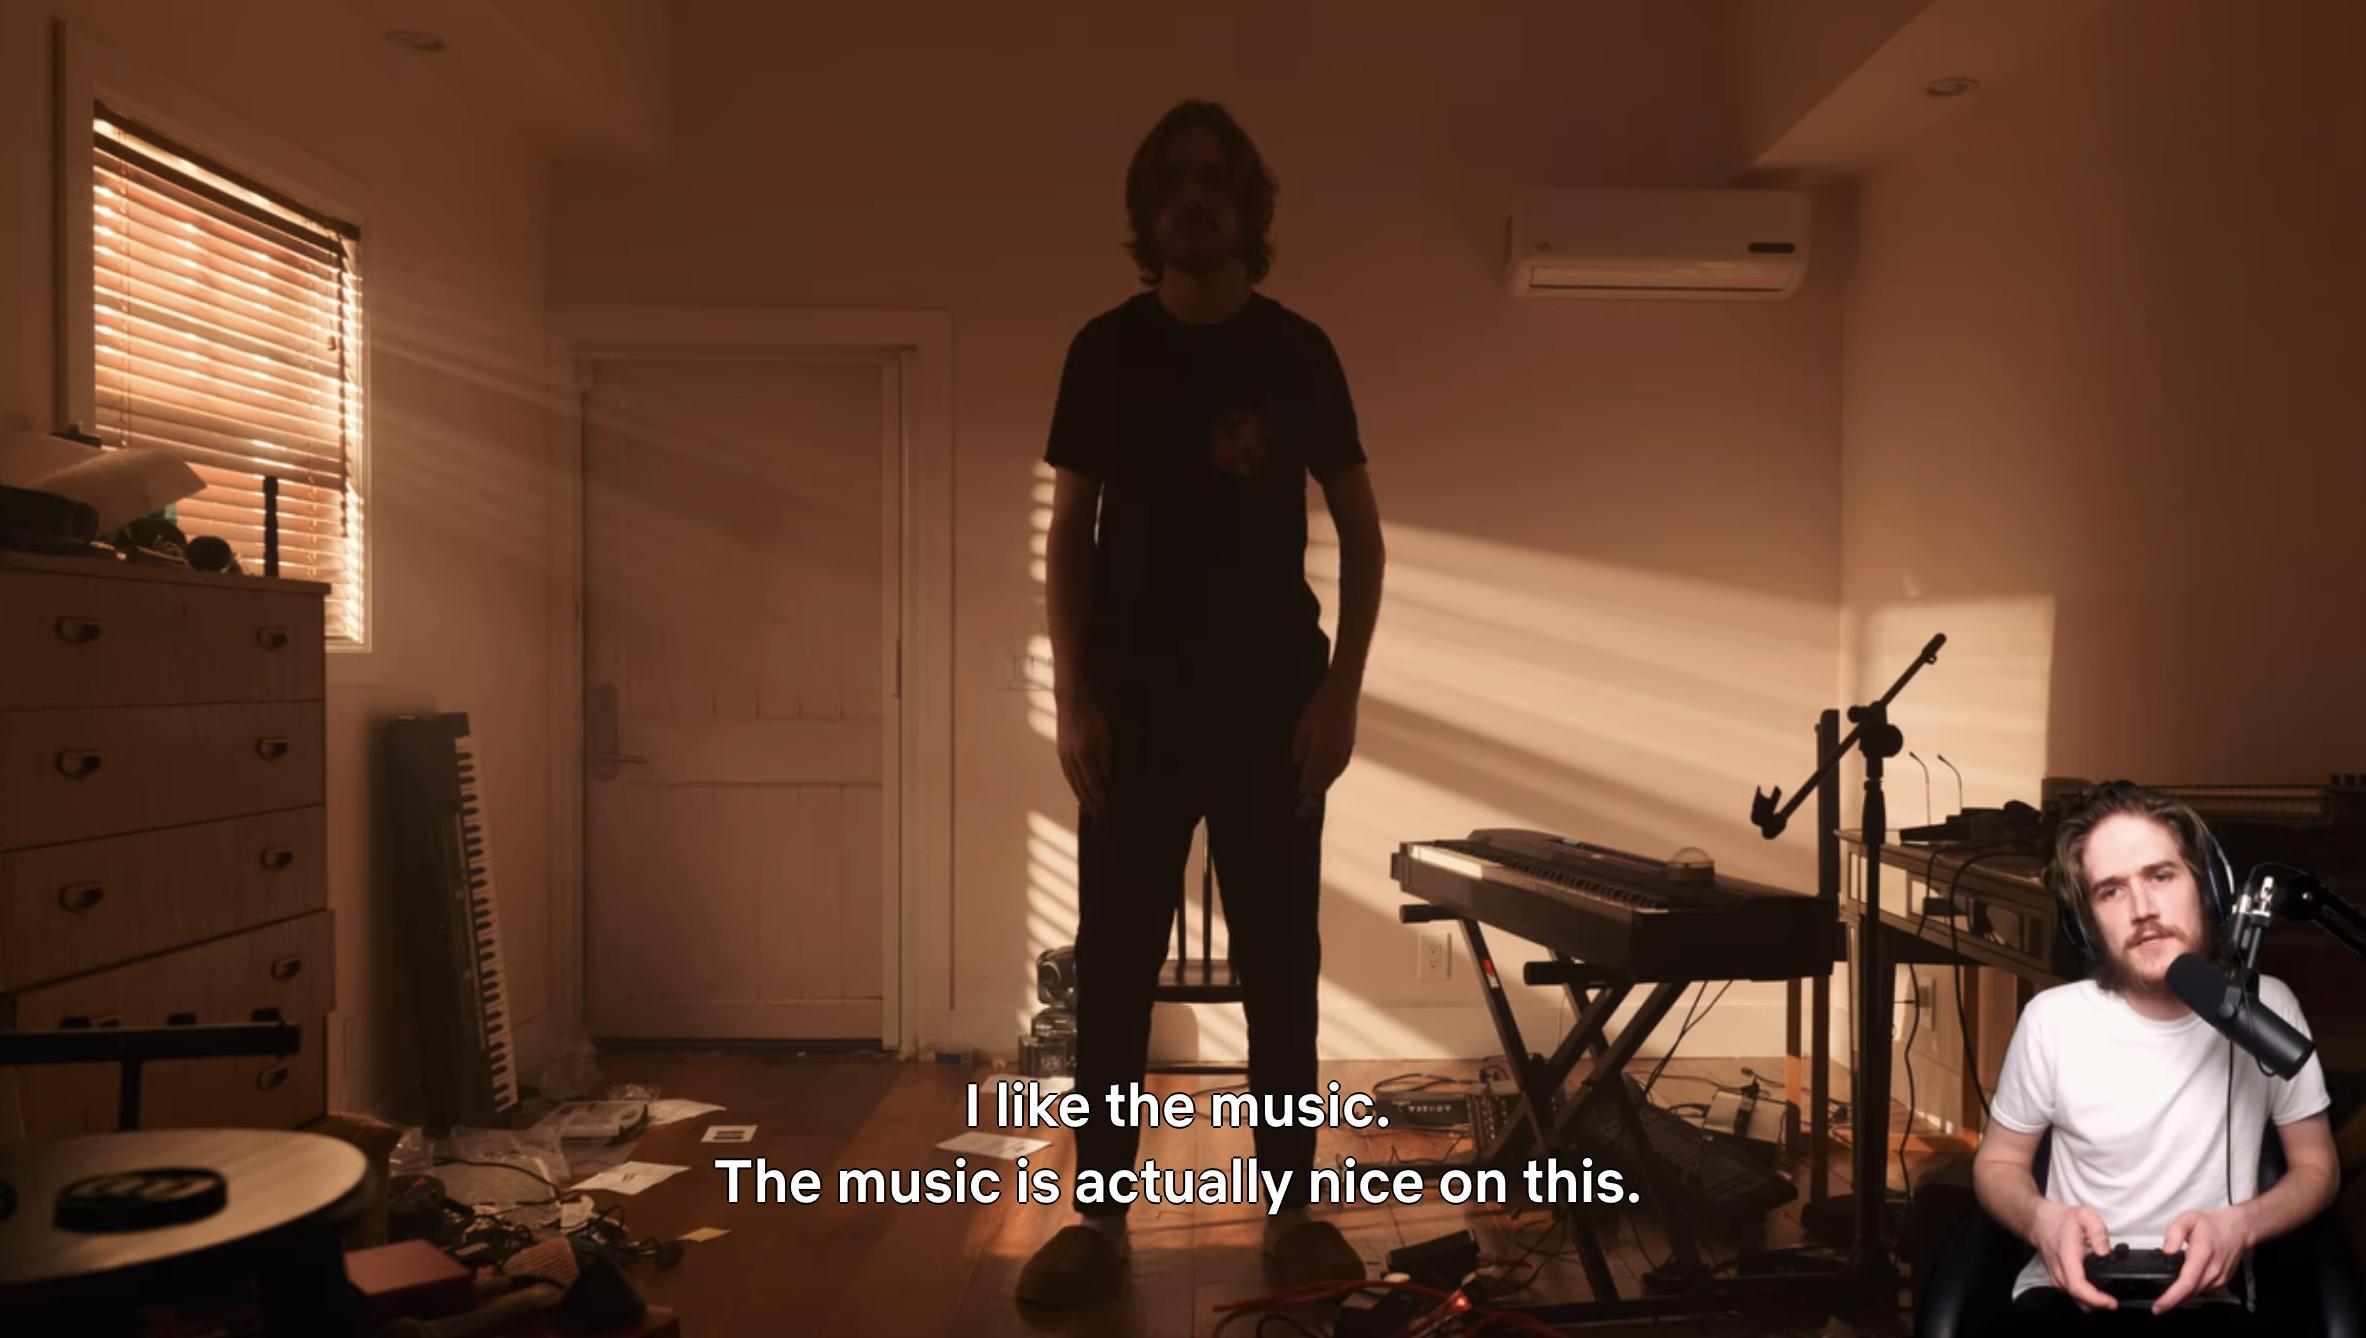 薄熙来像一条飘带说;我喜欢音乐;